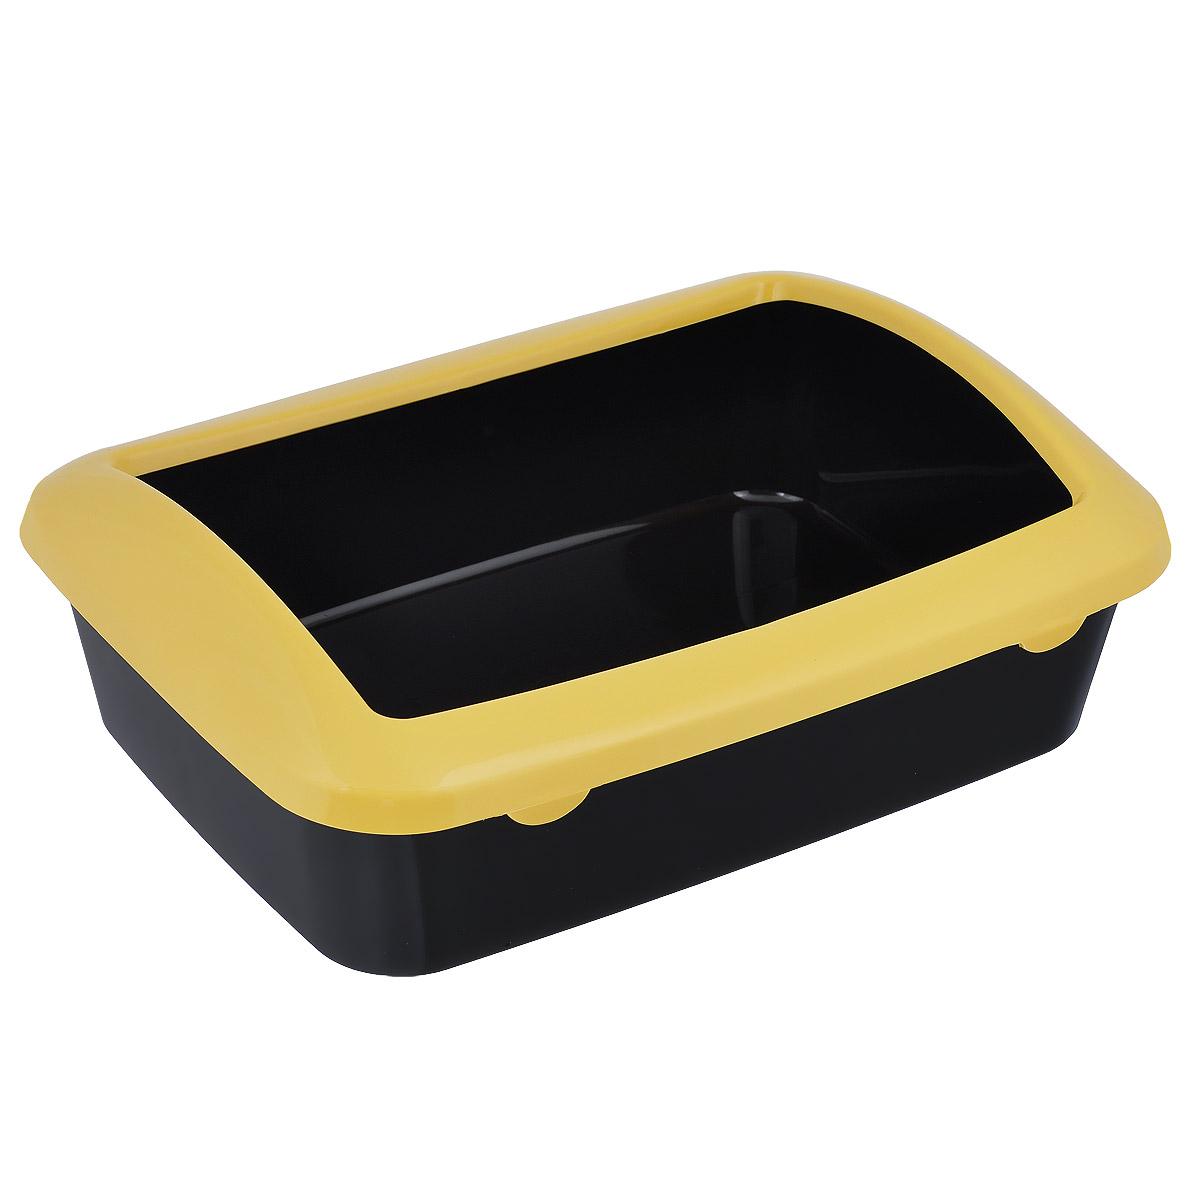 """Туалет для кошек """"Triol"""", с бортом, цвет черный, желтый, 42 см х 30 см х 14,5 см"""